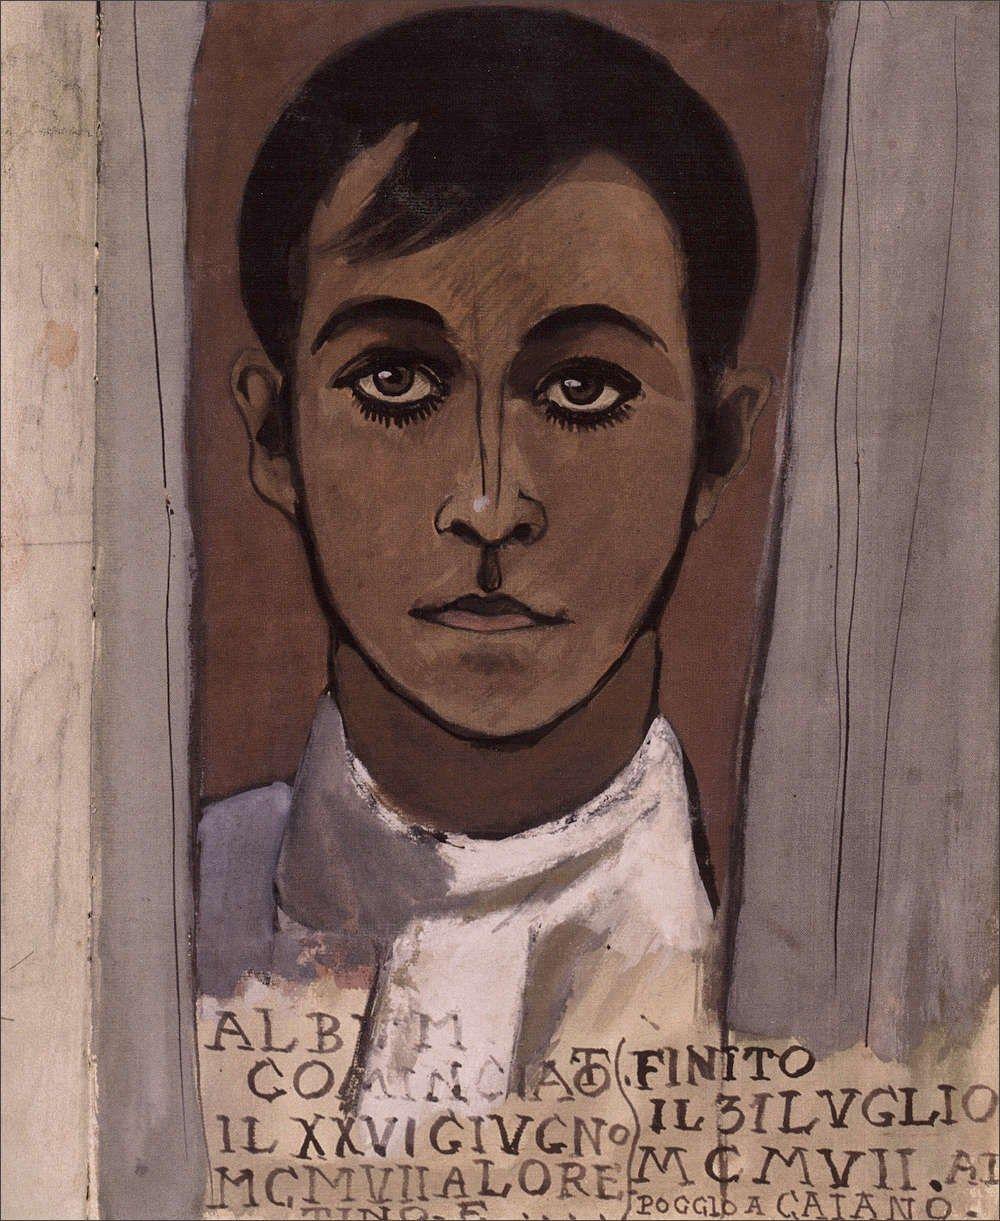 Ardengo Soffici · Autoritratto · 1907 · Museo Comunale Ardengo Soffici · Poggio a Caiano